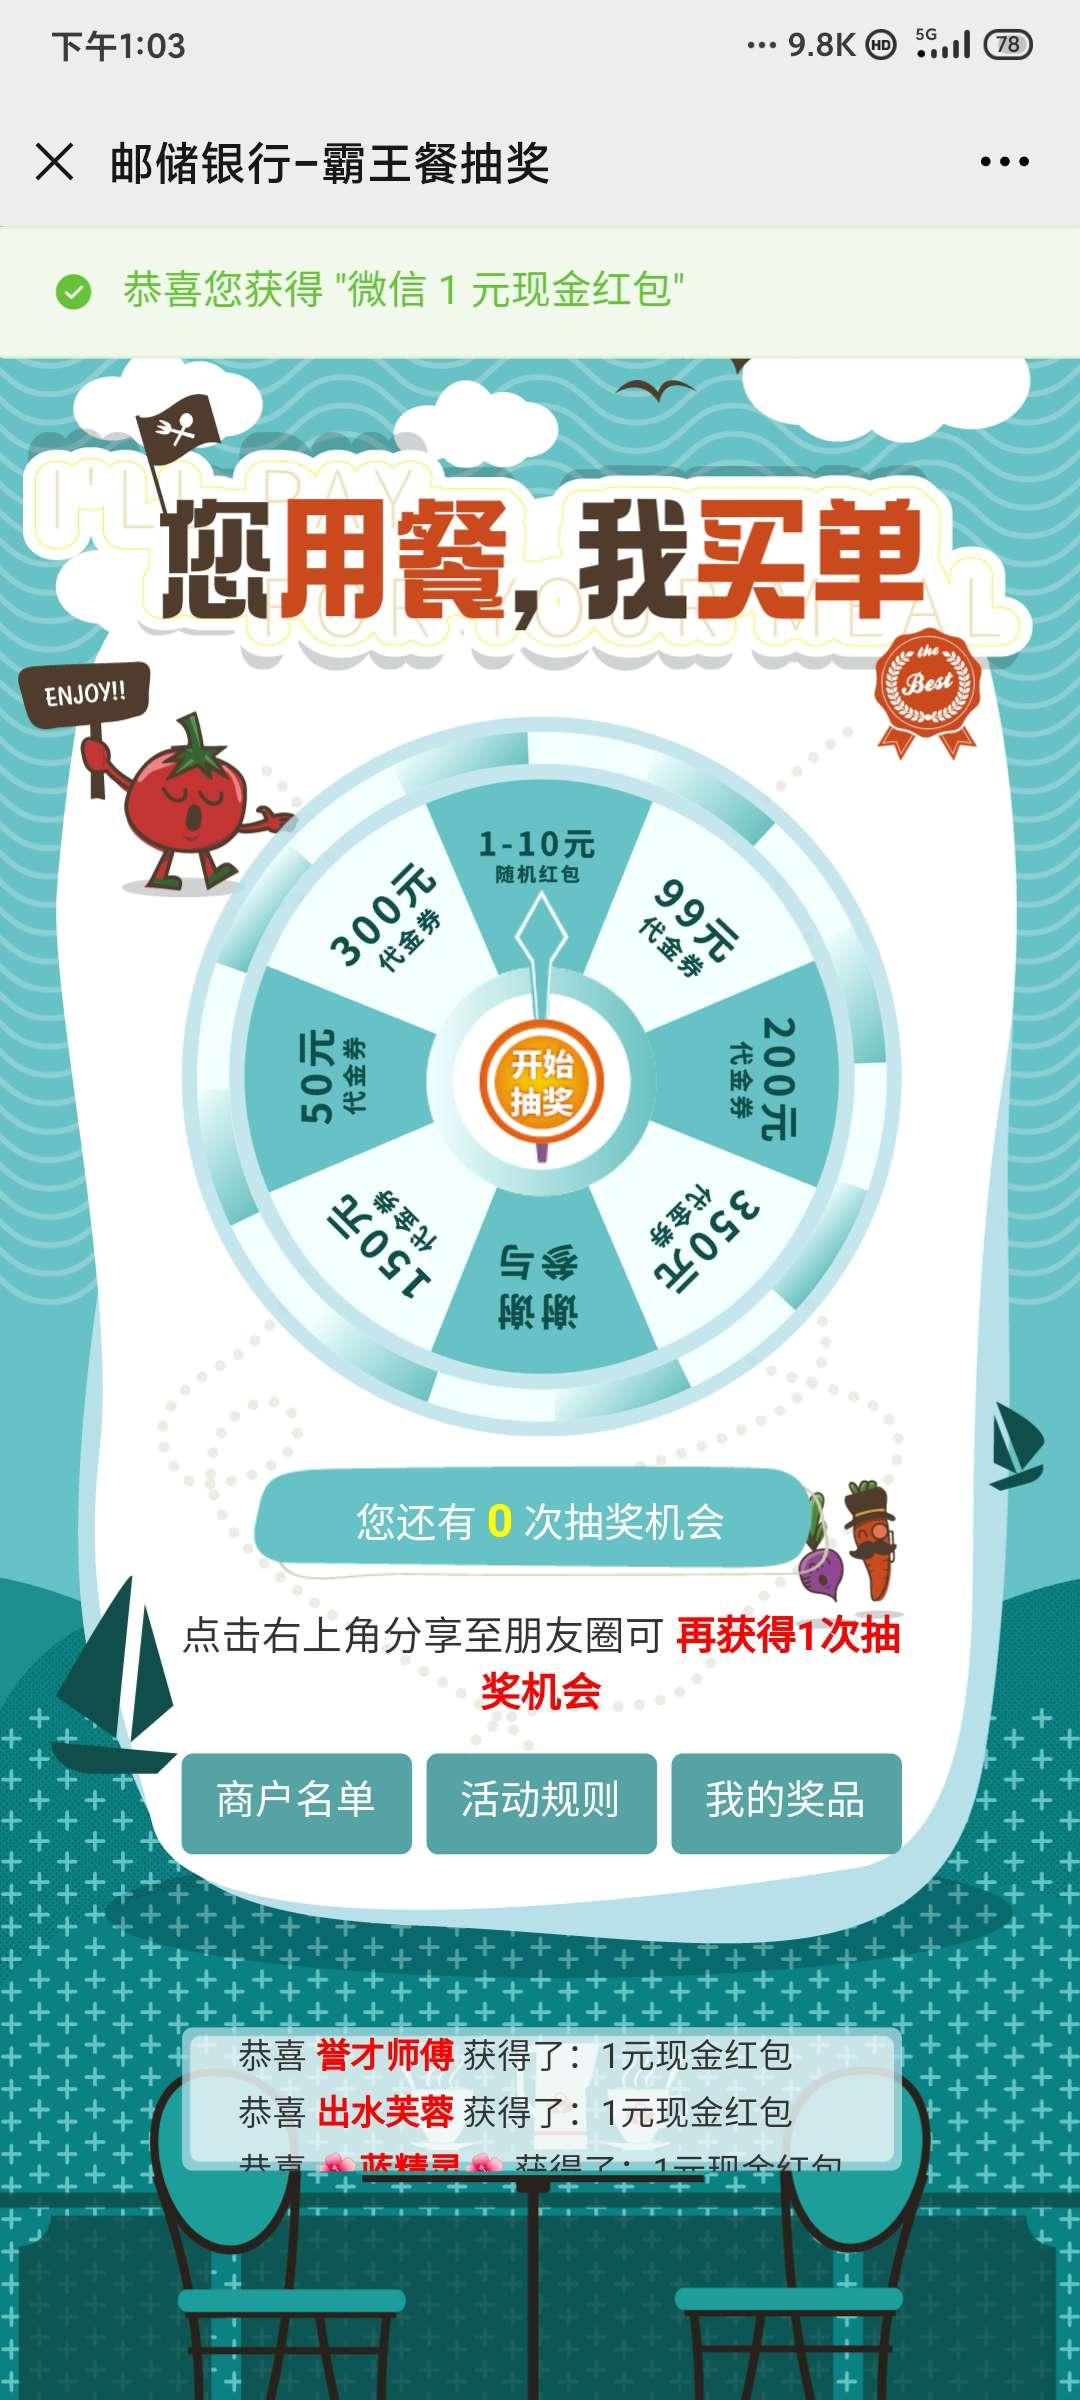 邮储银行天津分行大转盘抽红包插图2